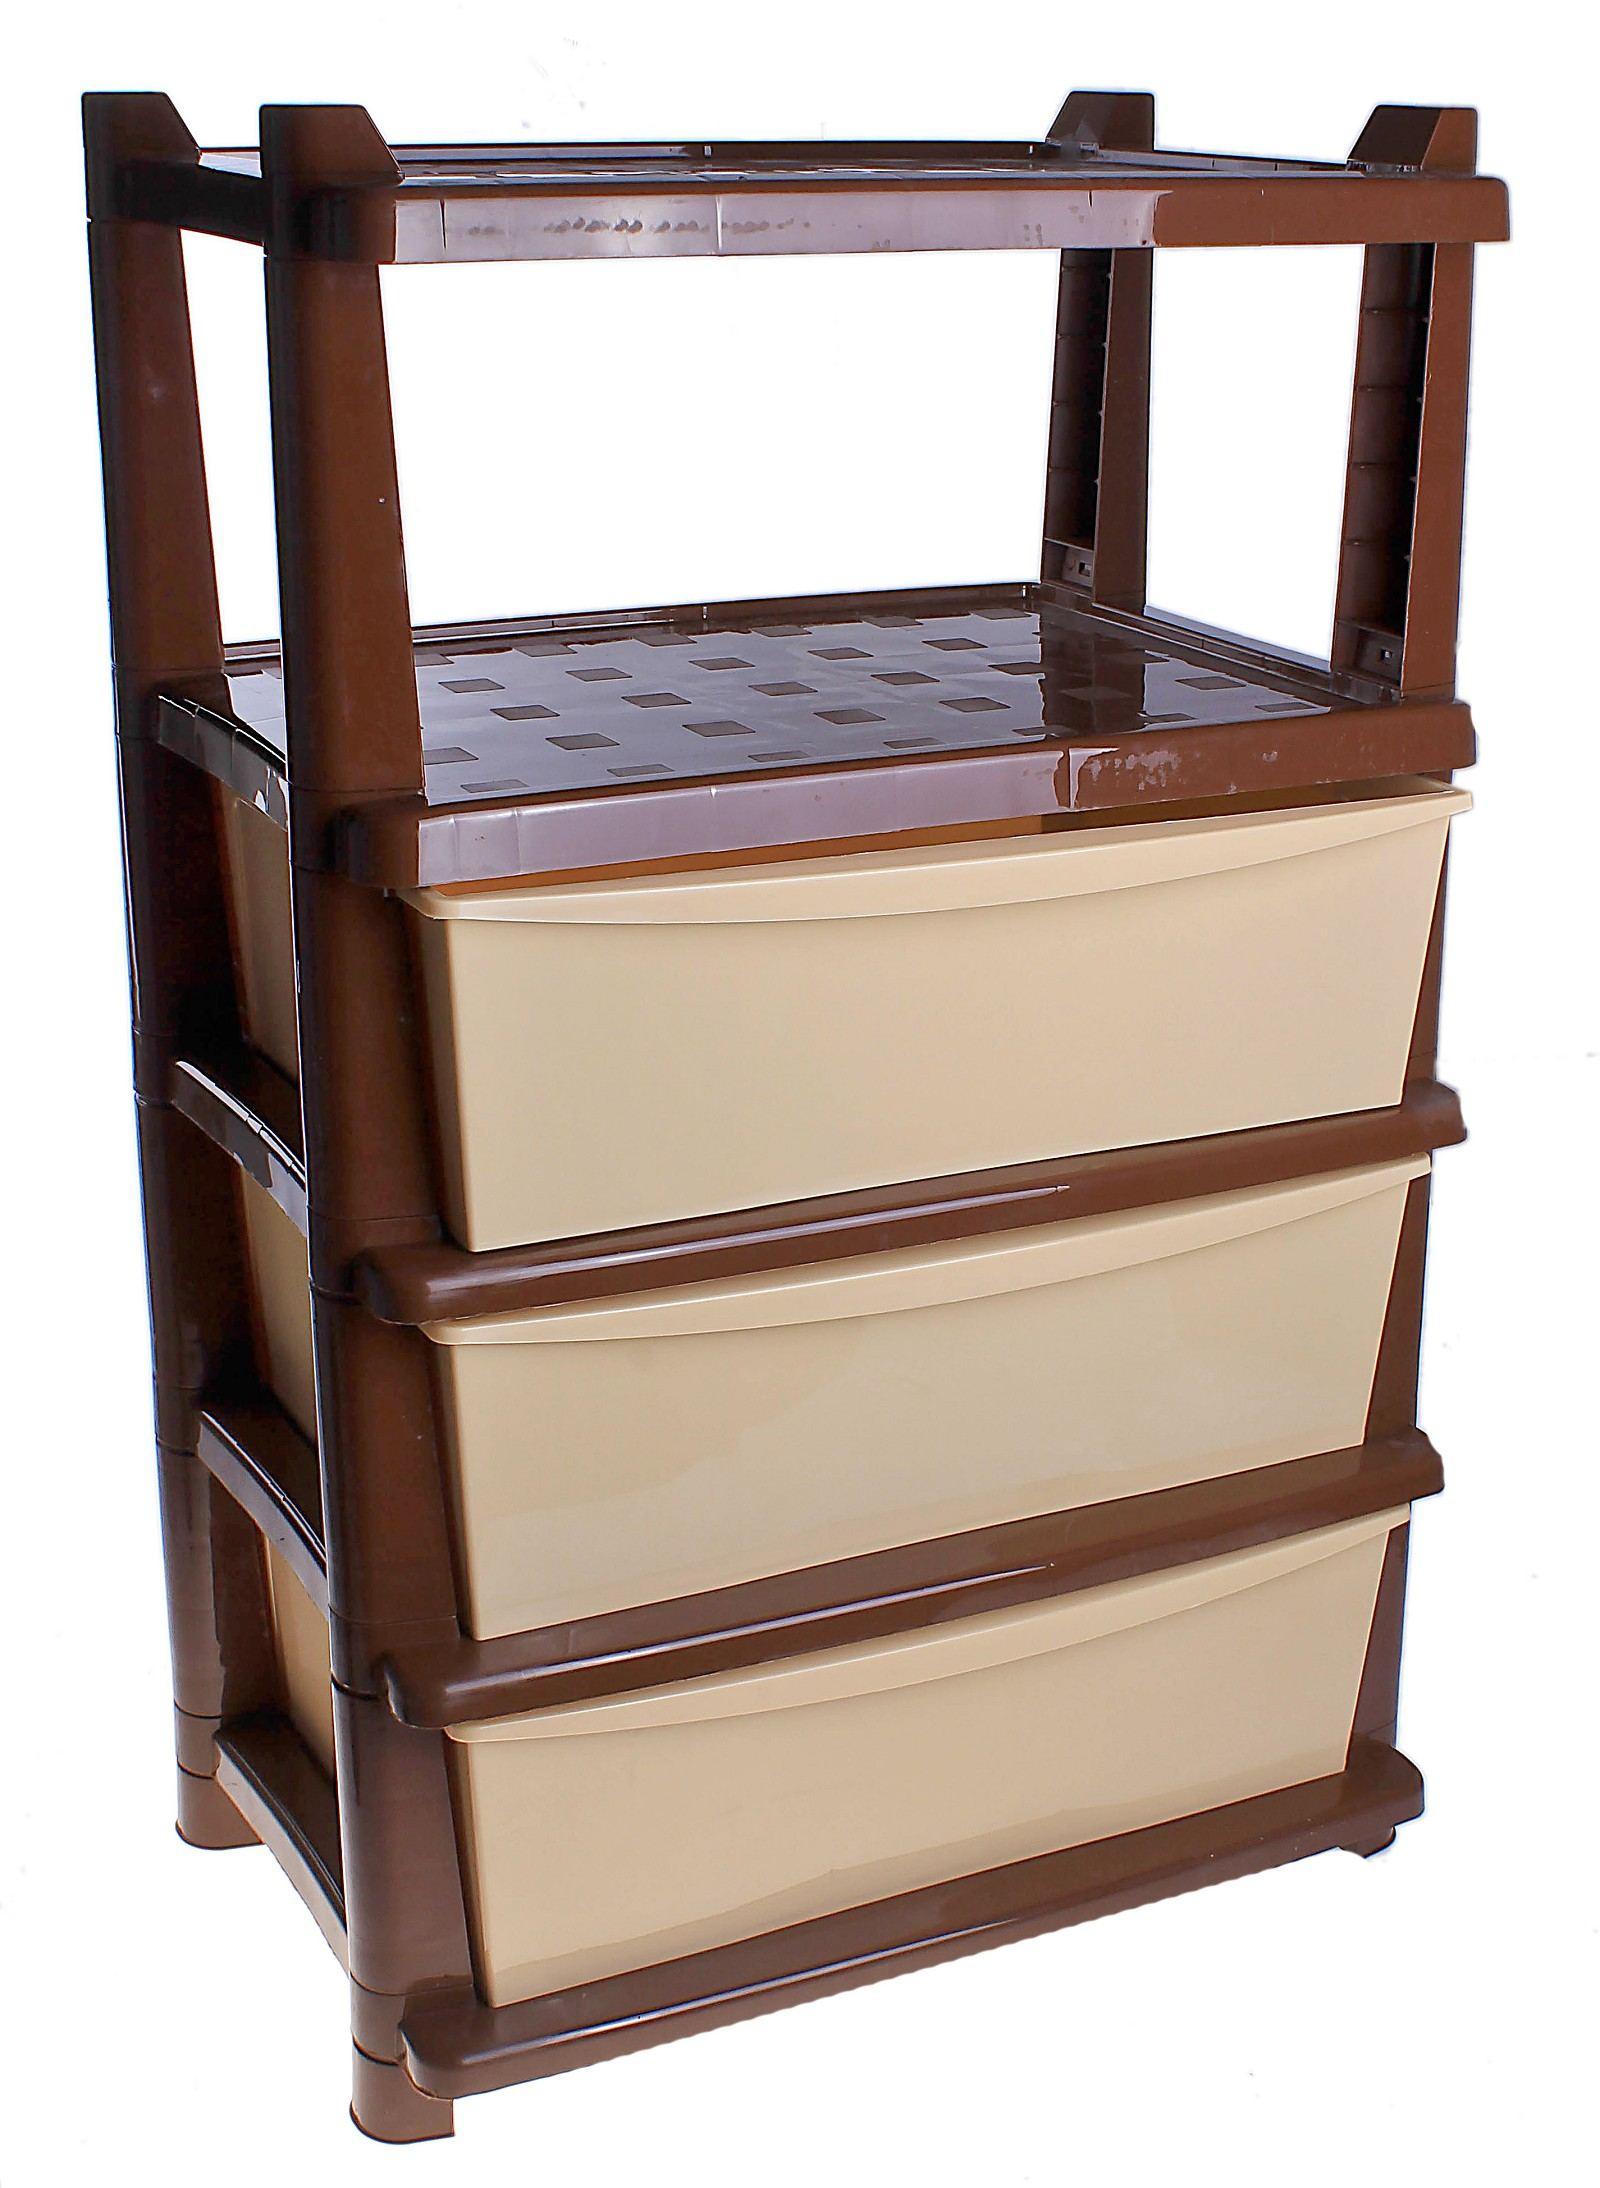 Пластиковая этажерка не совсем гармоничный но за то практичный выбор